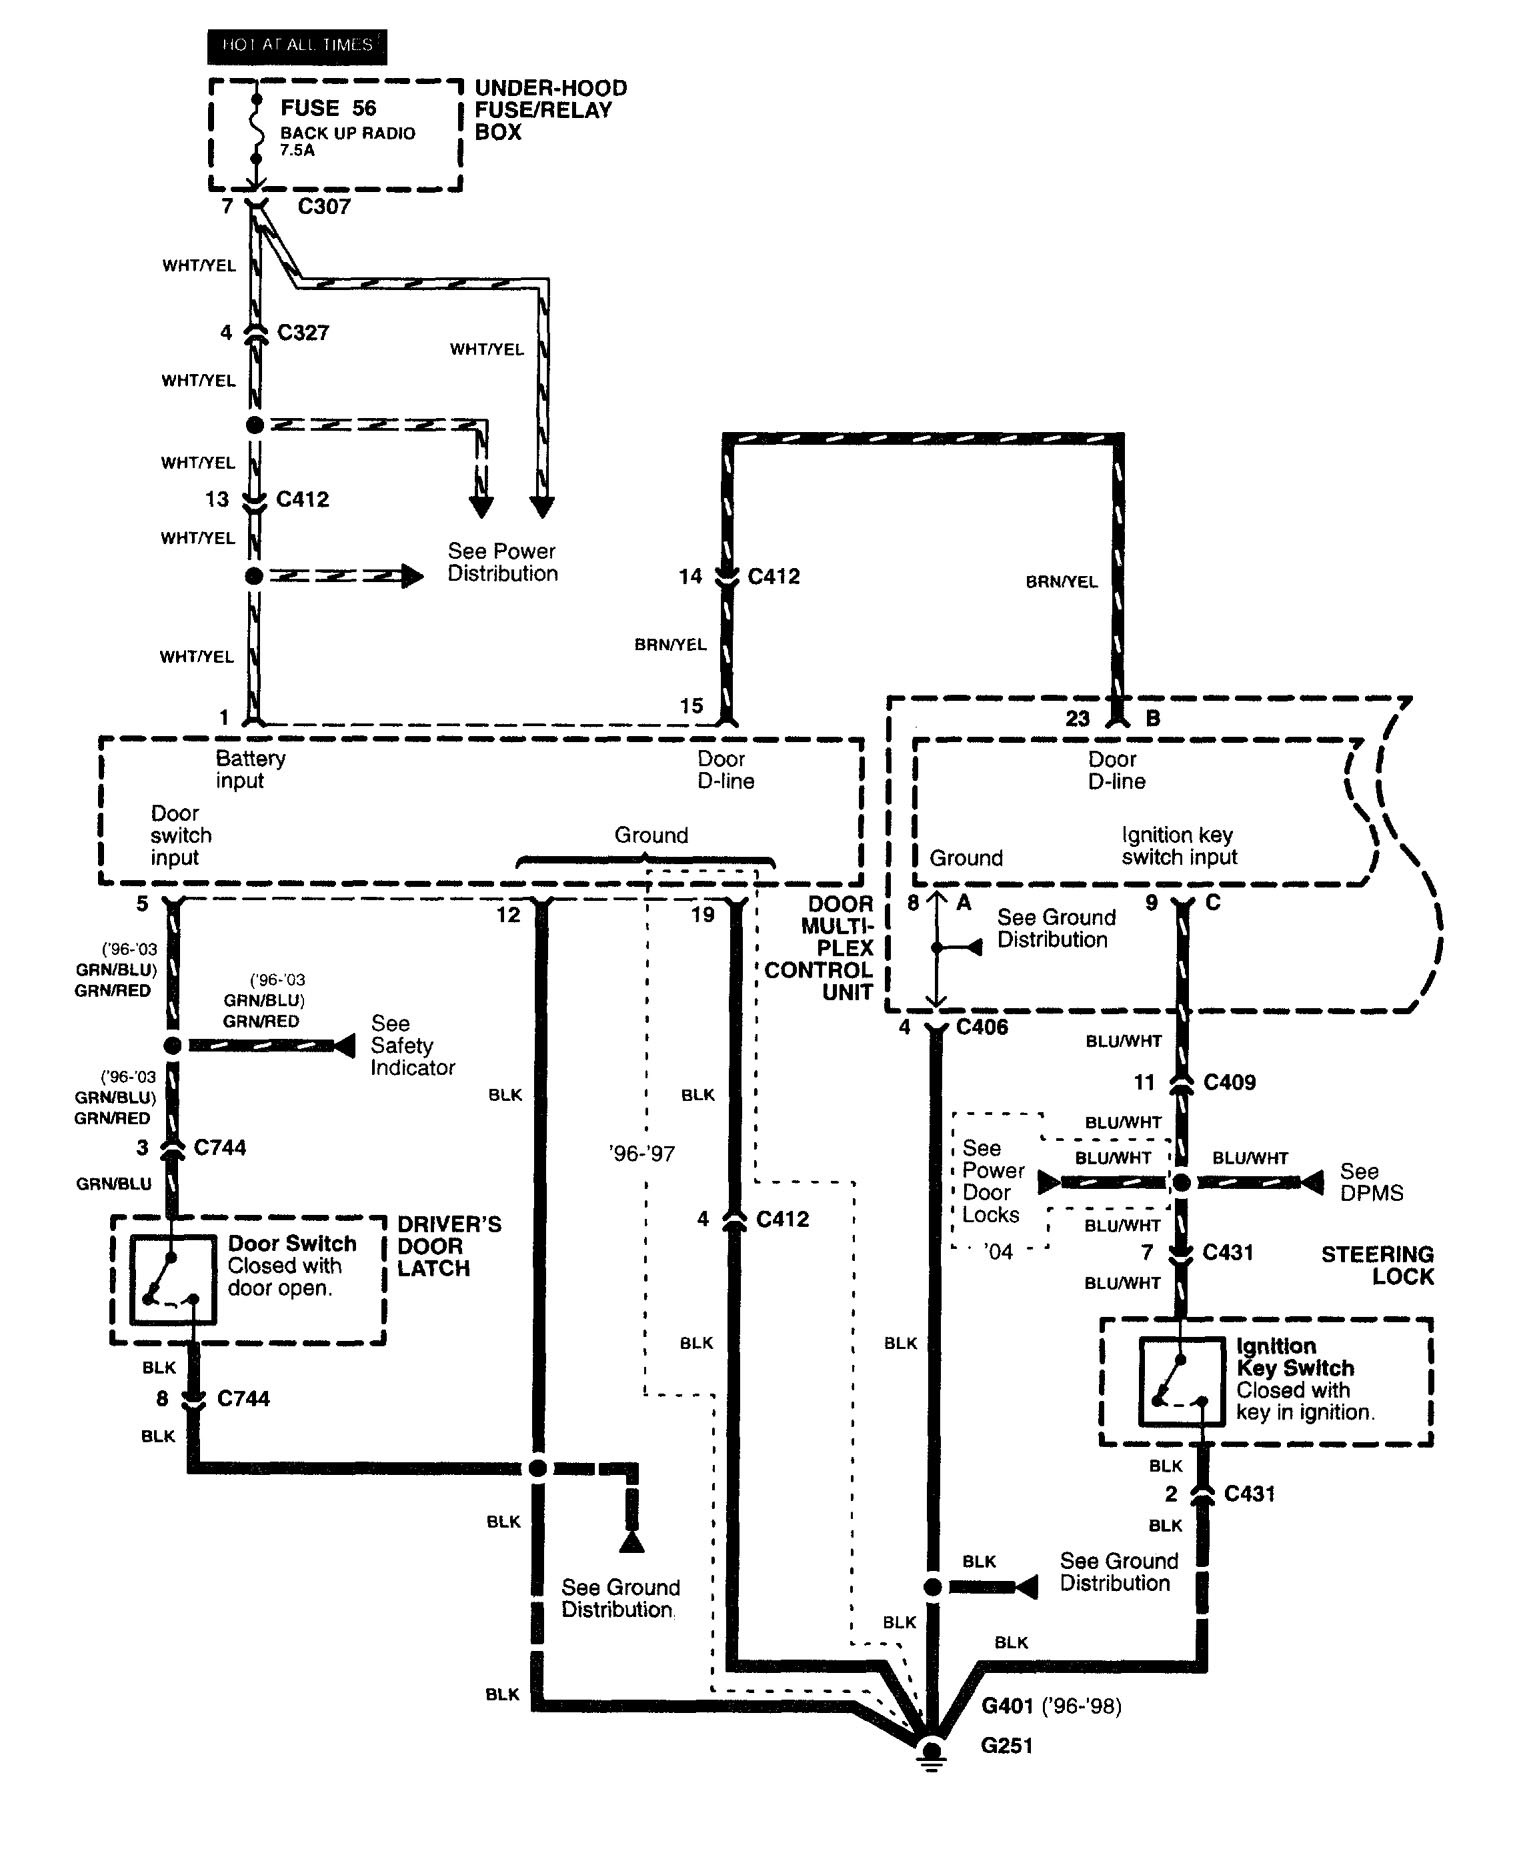 Hyundai I30 Wiring Diagrams Electrical Diagram Radio Acura Rl 2003 2004 Lamp Out Towbar Stereo